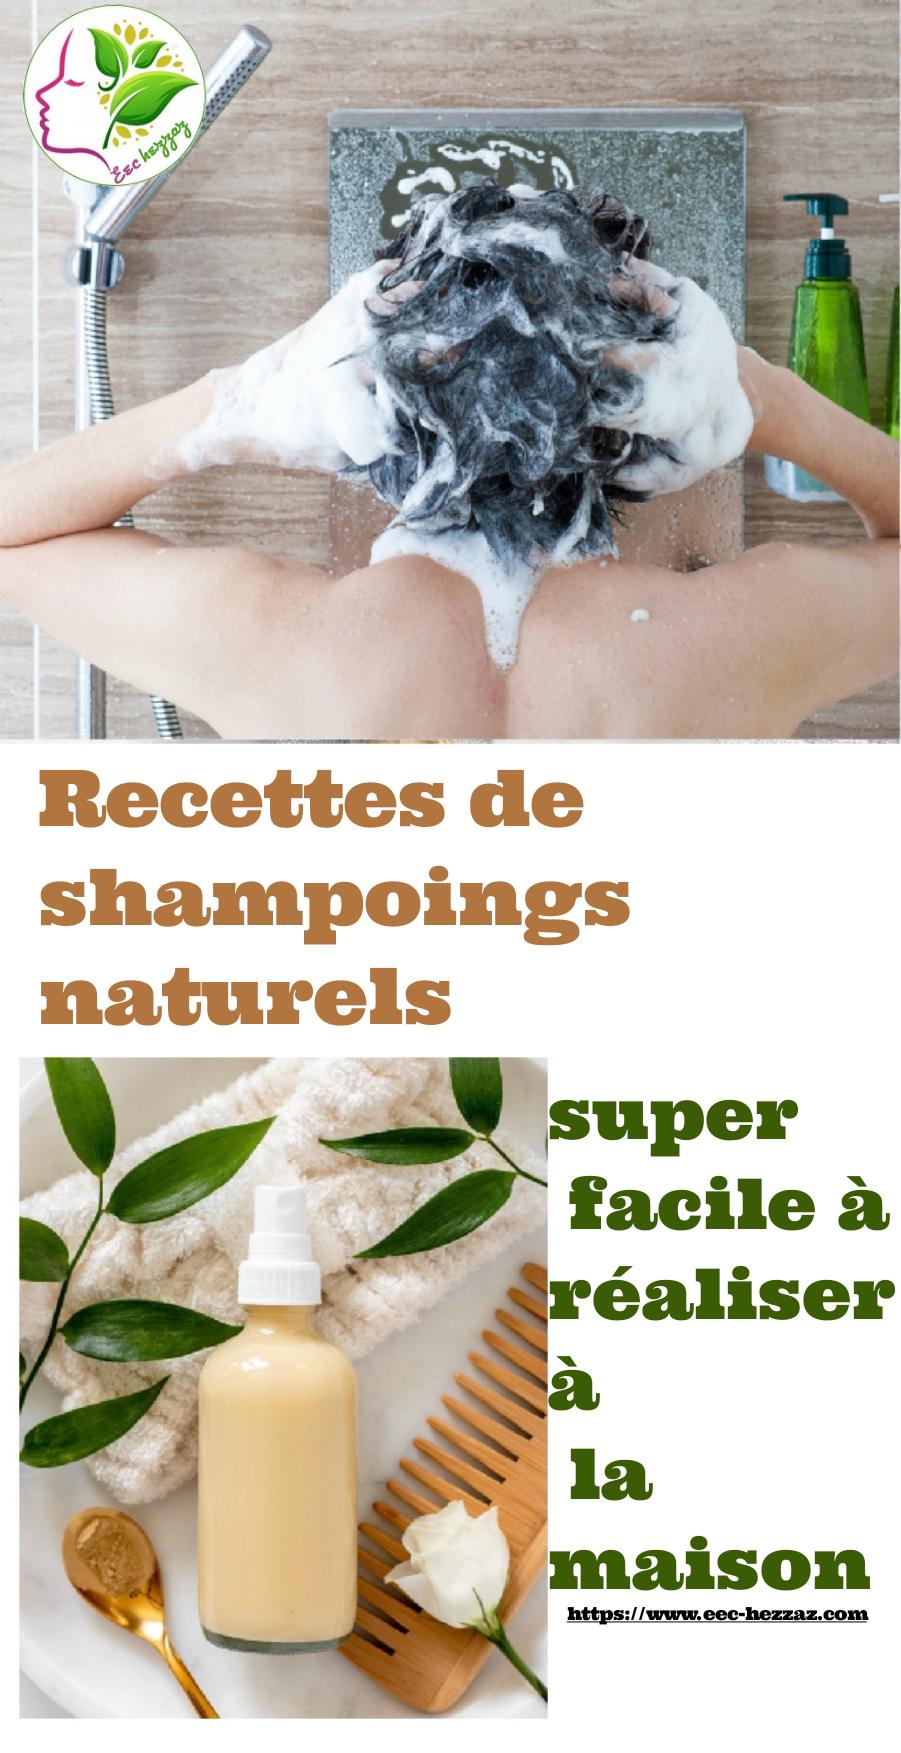 Recettes de shampoings naturels super facile à réaliser à la maison